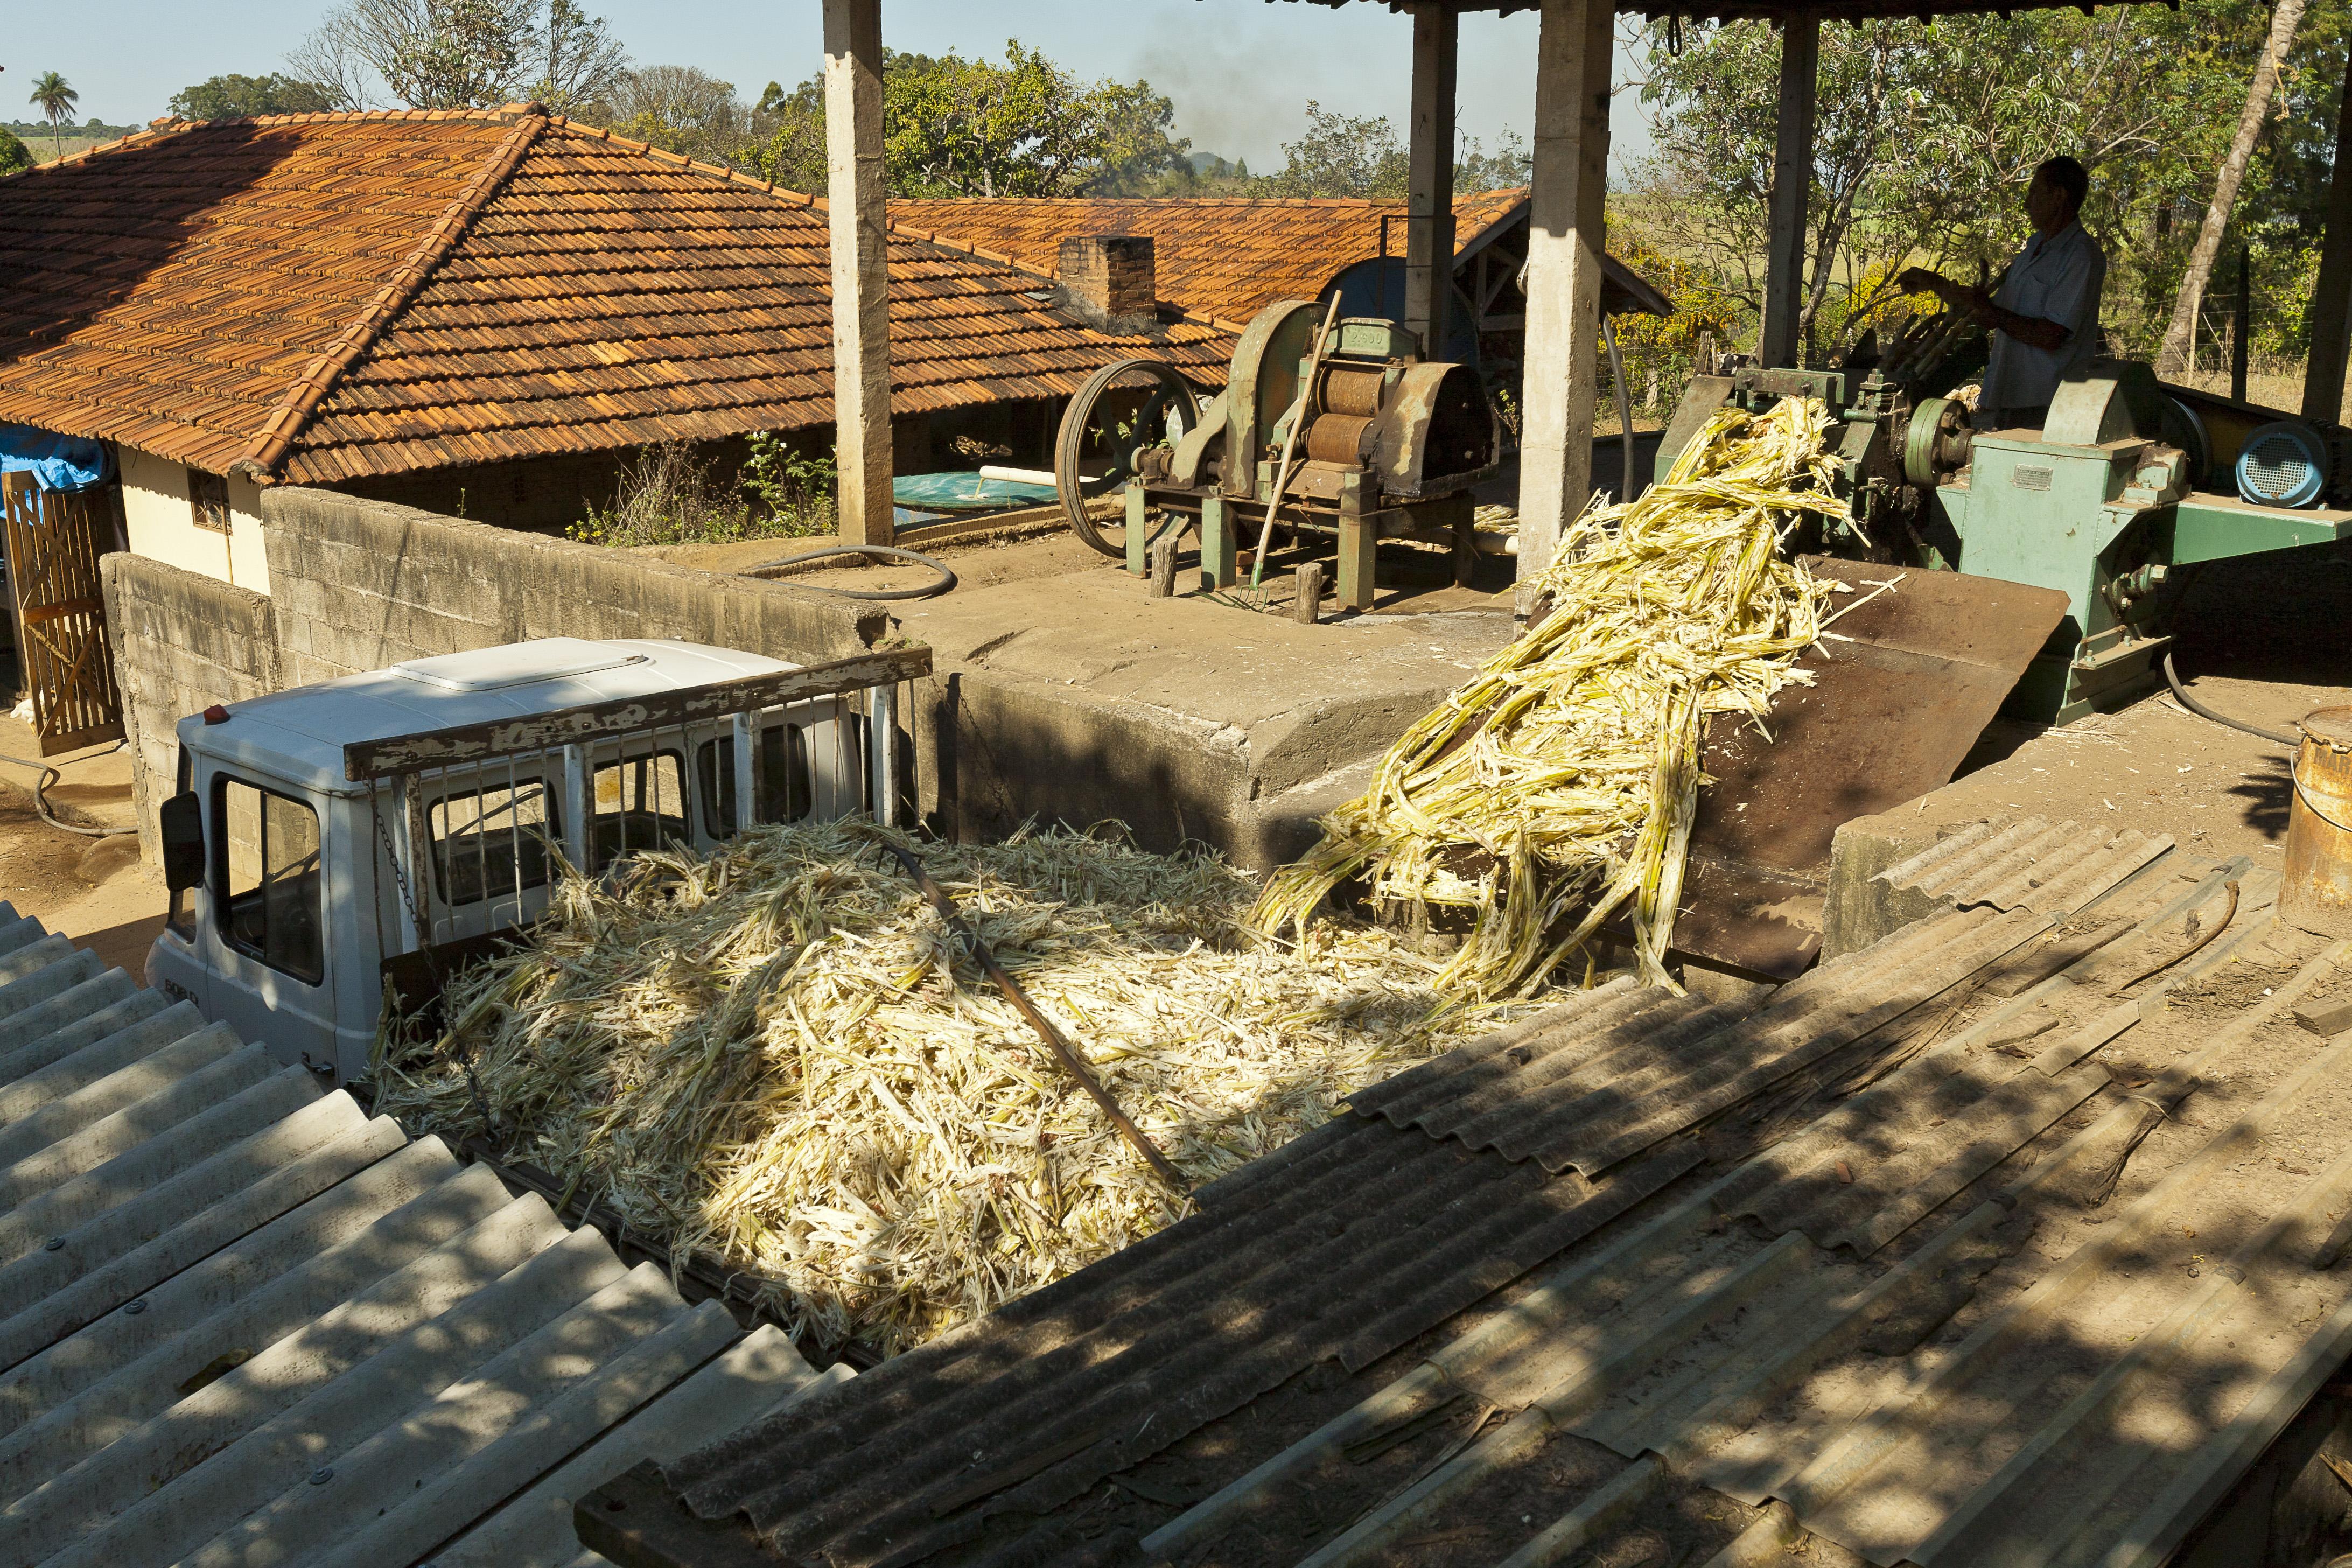 Bagazo de caña de azúcar, Jonathan Wilkins / CC BY-SA (https://creativecommons.org/licenses/by-sa/3.0)